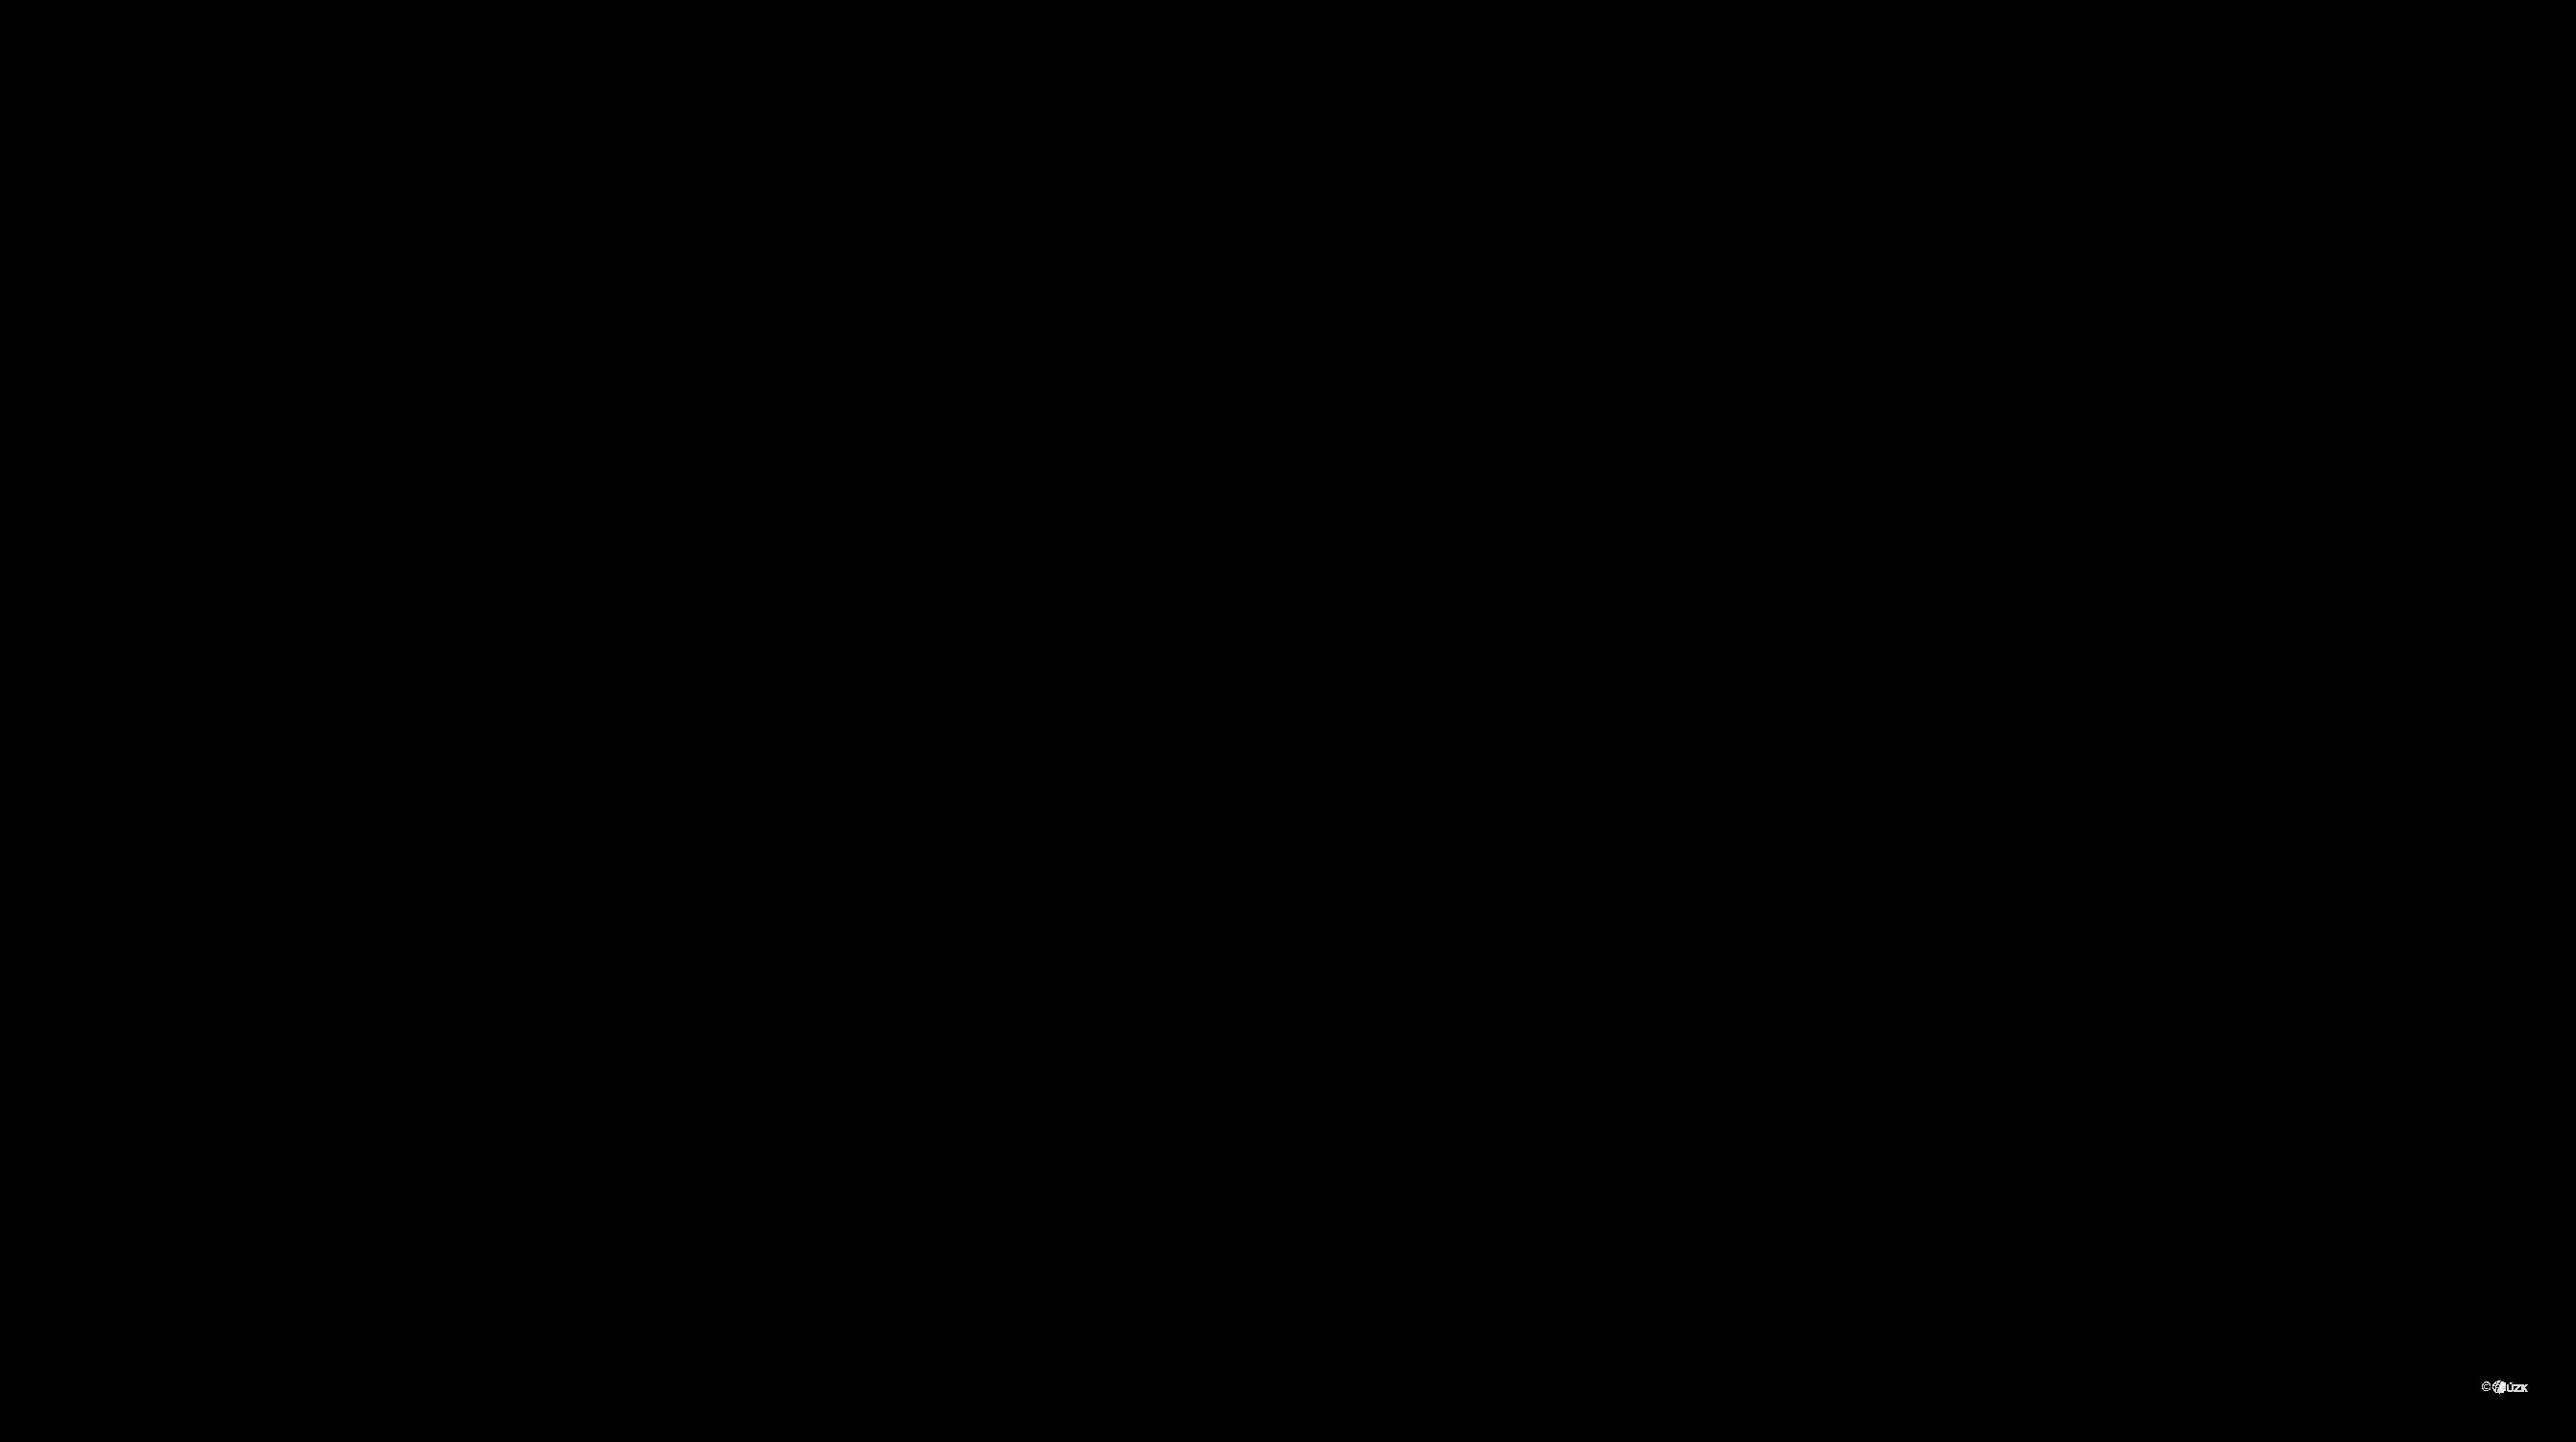 Katastrální mapa pozemků a čísla parcel Podlesí nad Litavkou